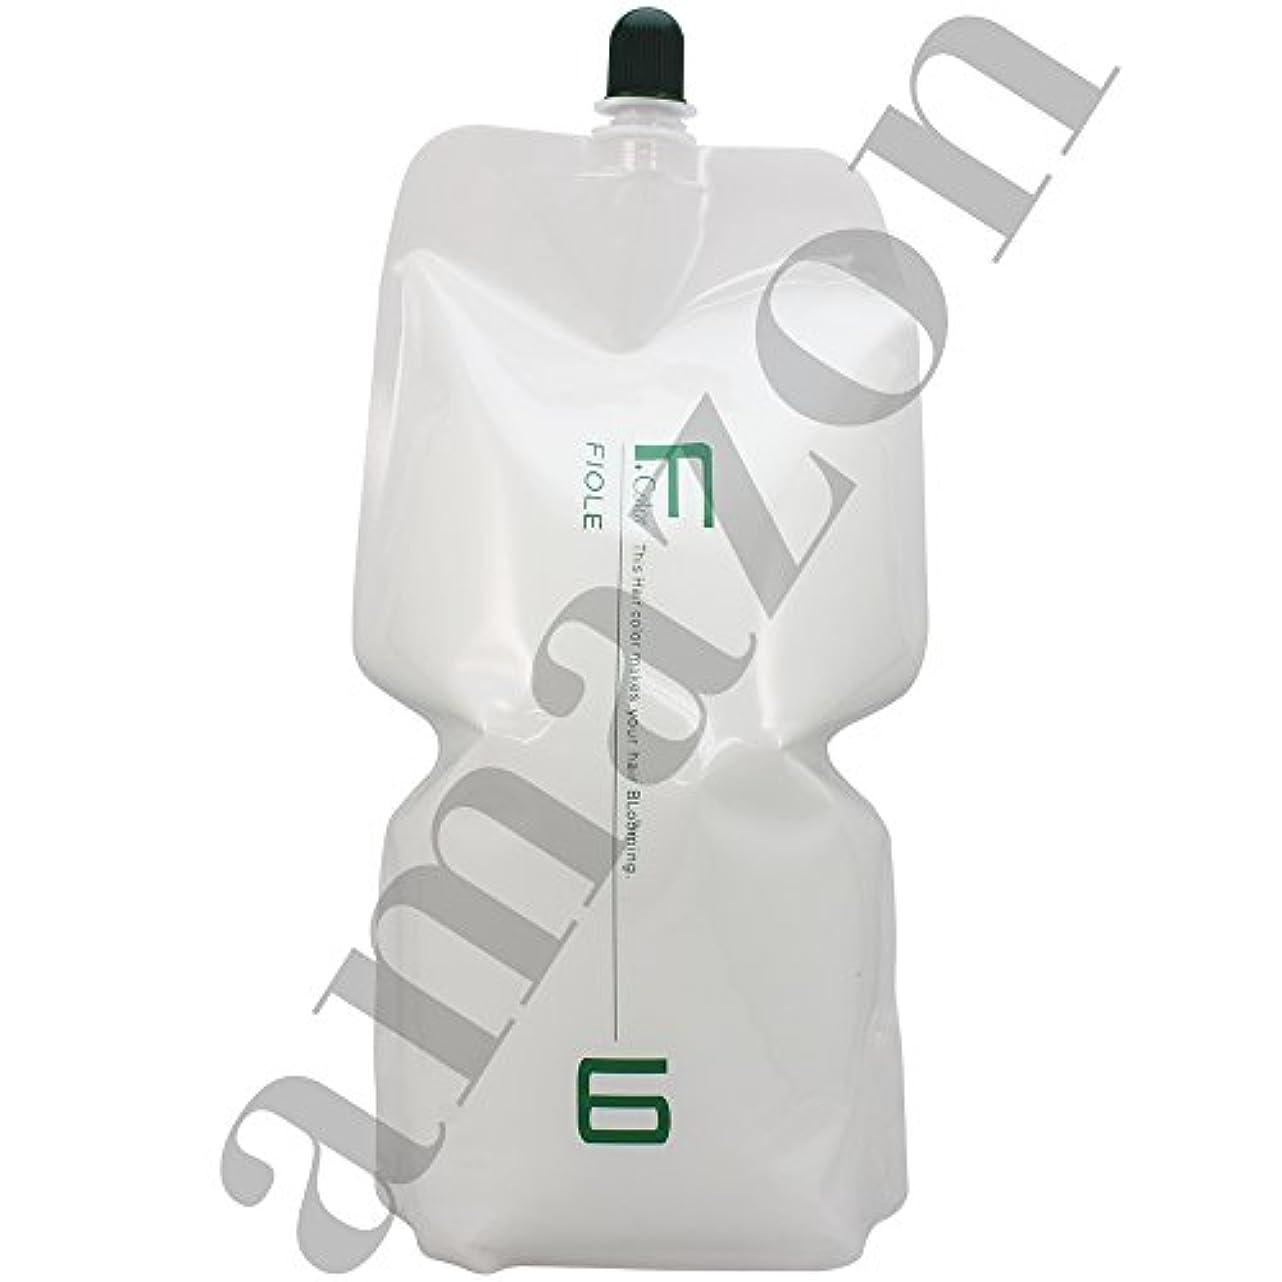 たまに形容詞アプトフィヨーレ BLカラー OX 2000ml 染毛補助剤 第2剤 パウチ (OX6%)